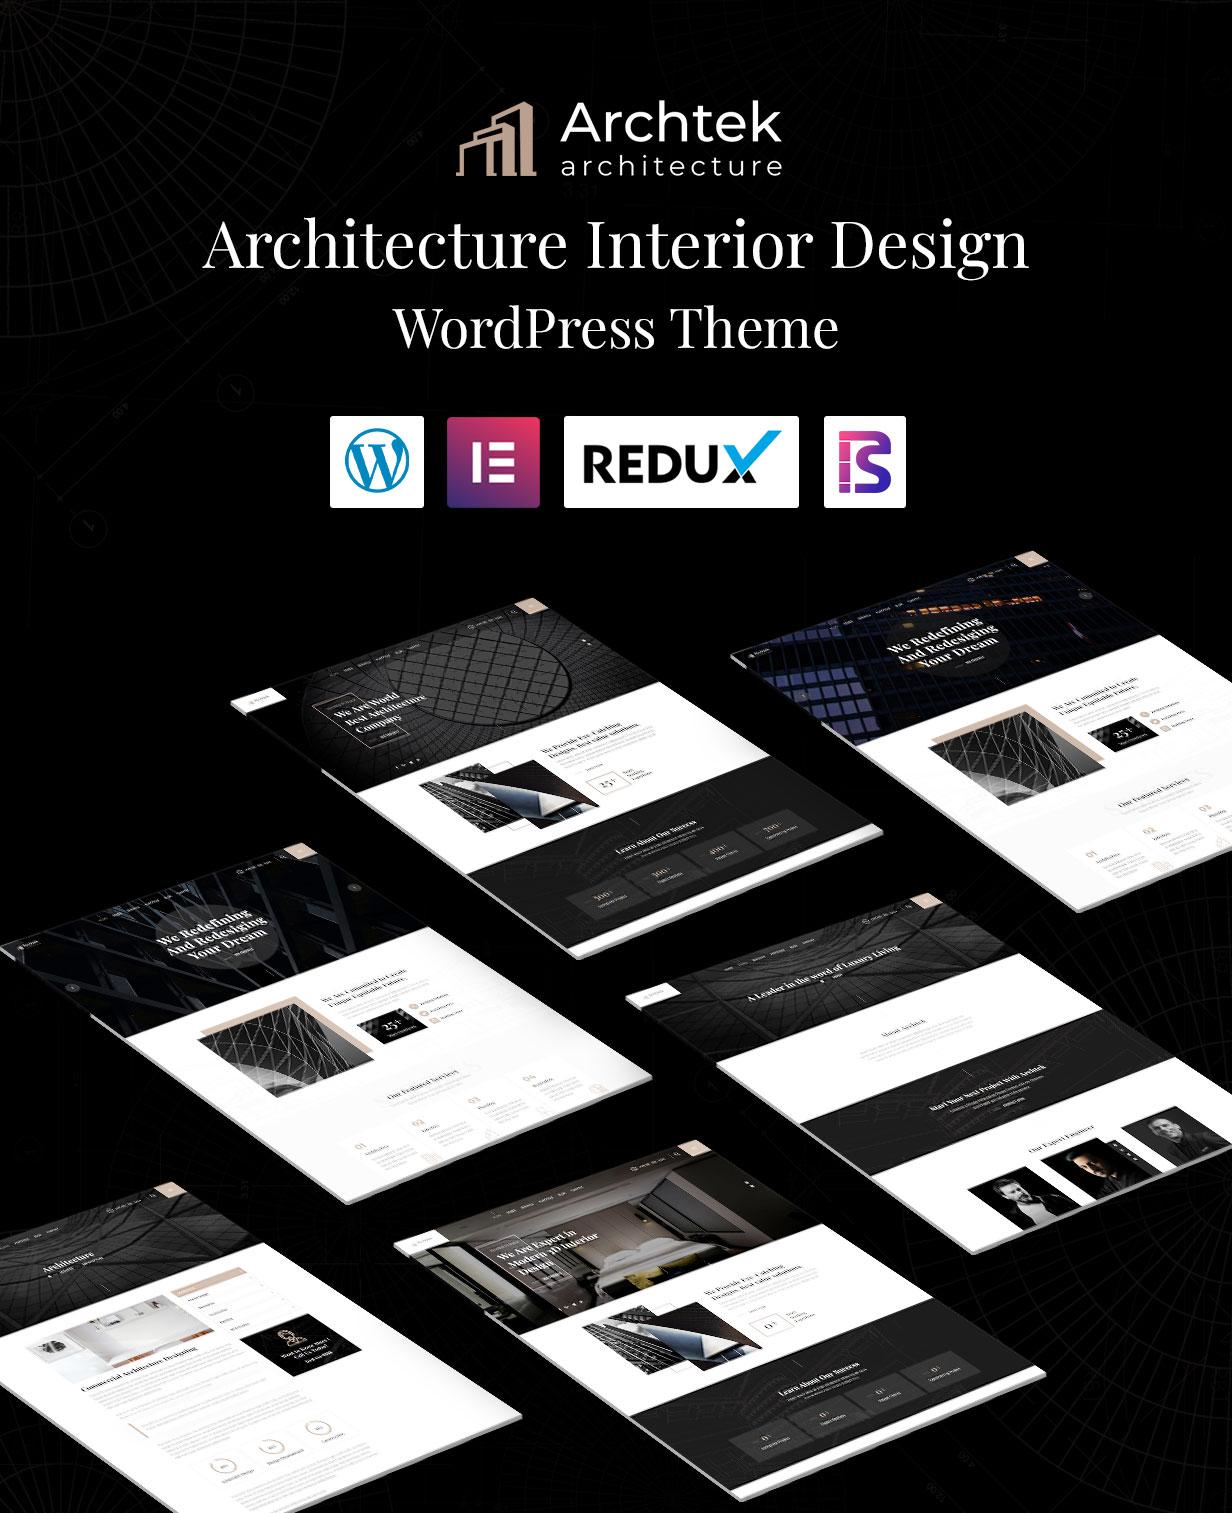 Archtek - Thème WordPress pour la conception intérieure d'architecture